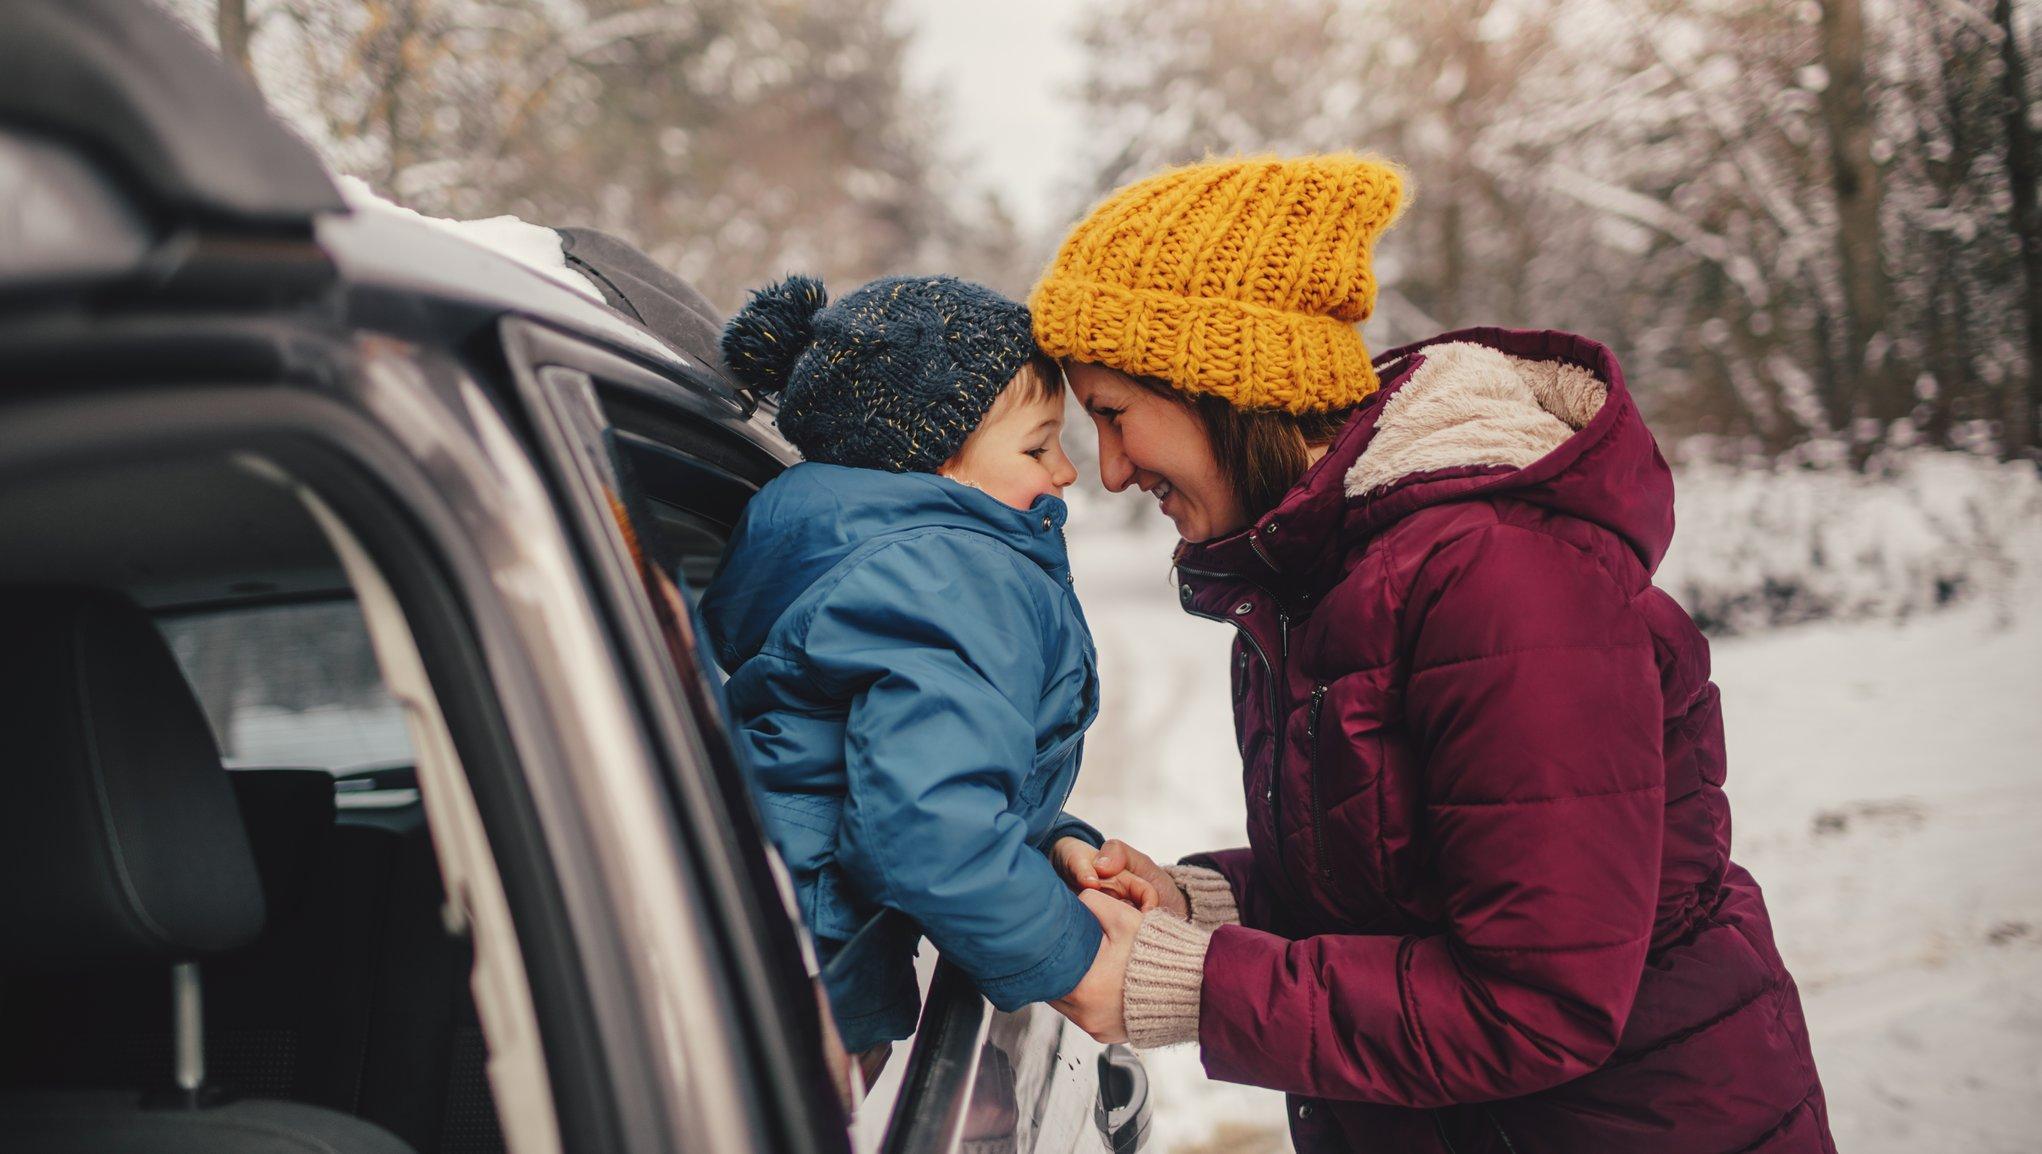 mamma och barn vid bil